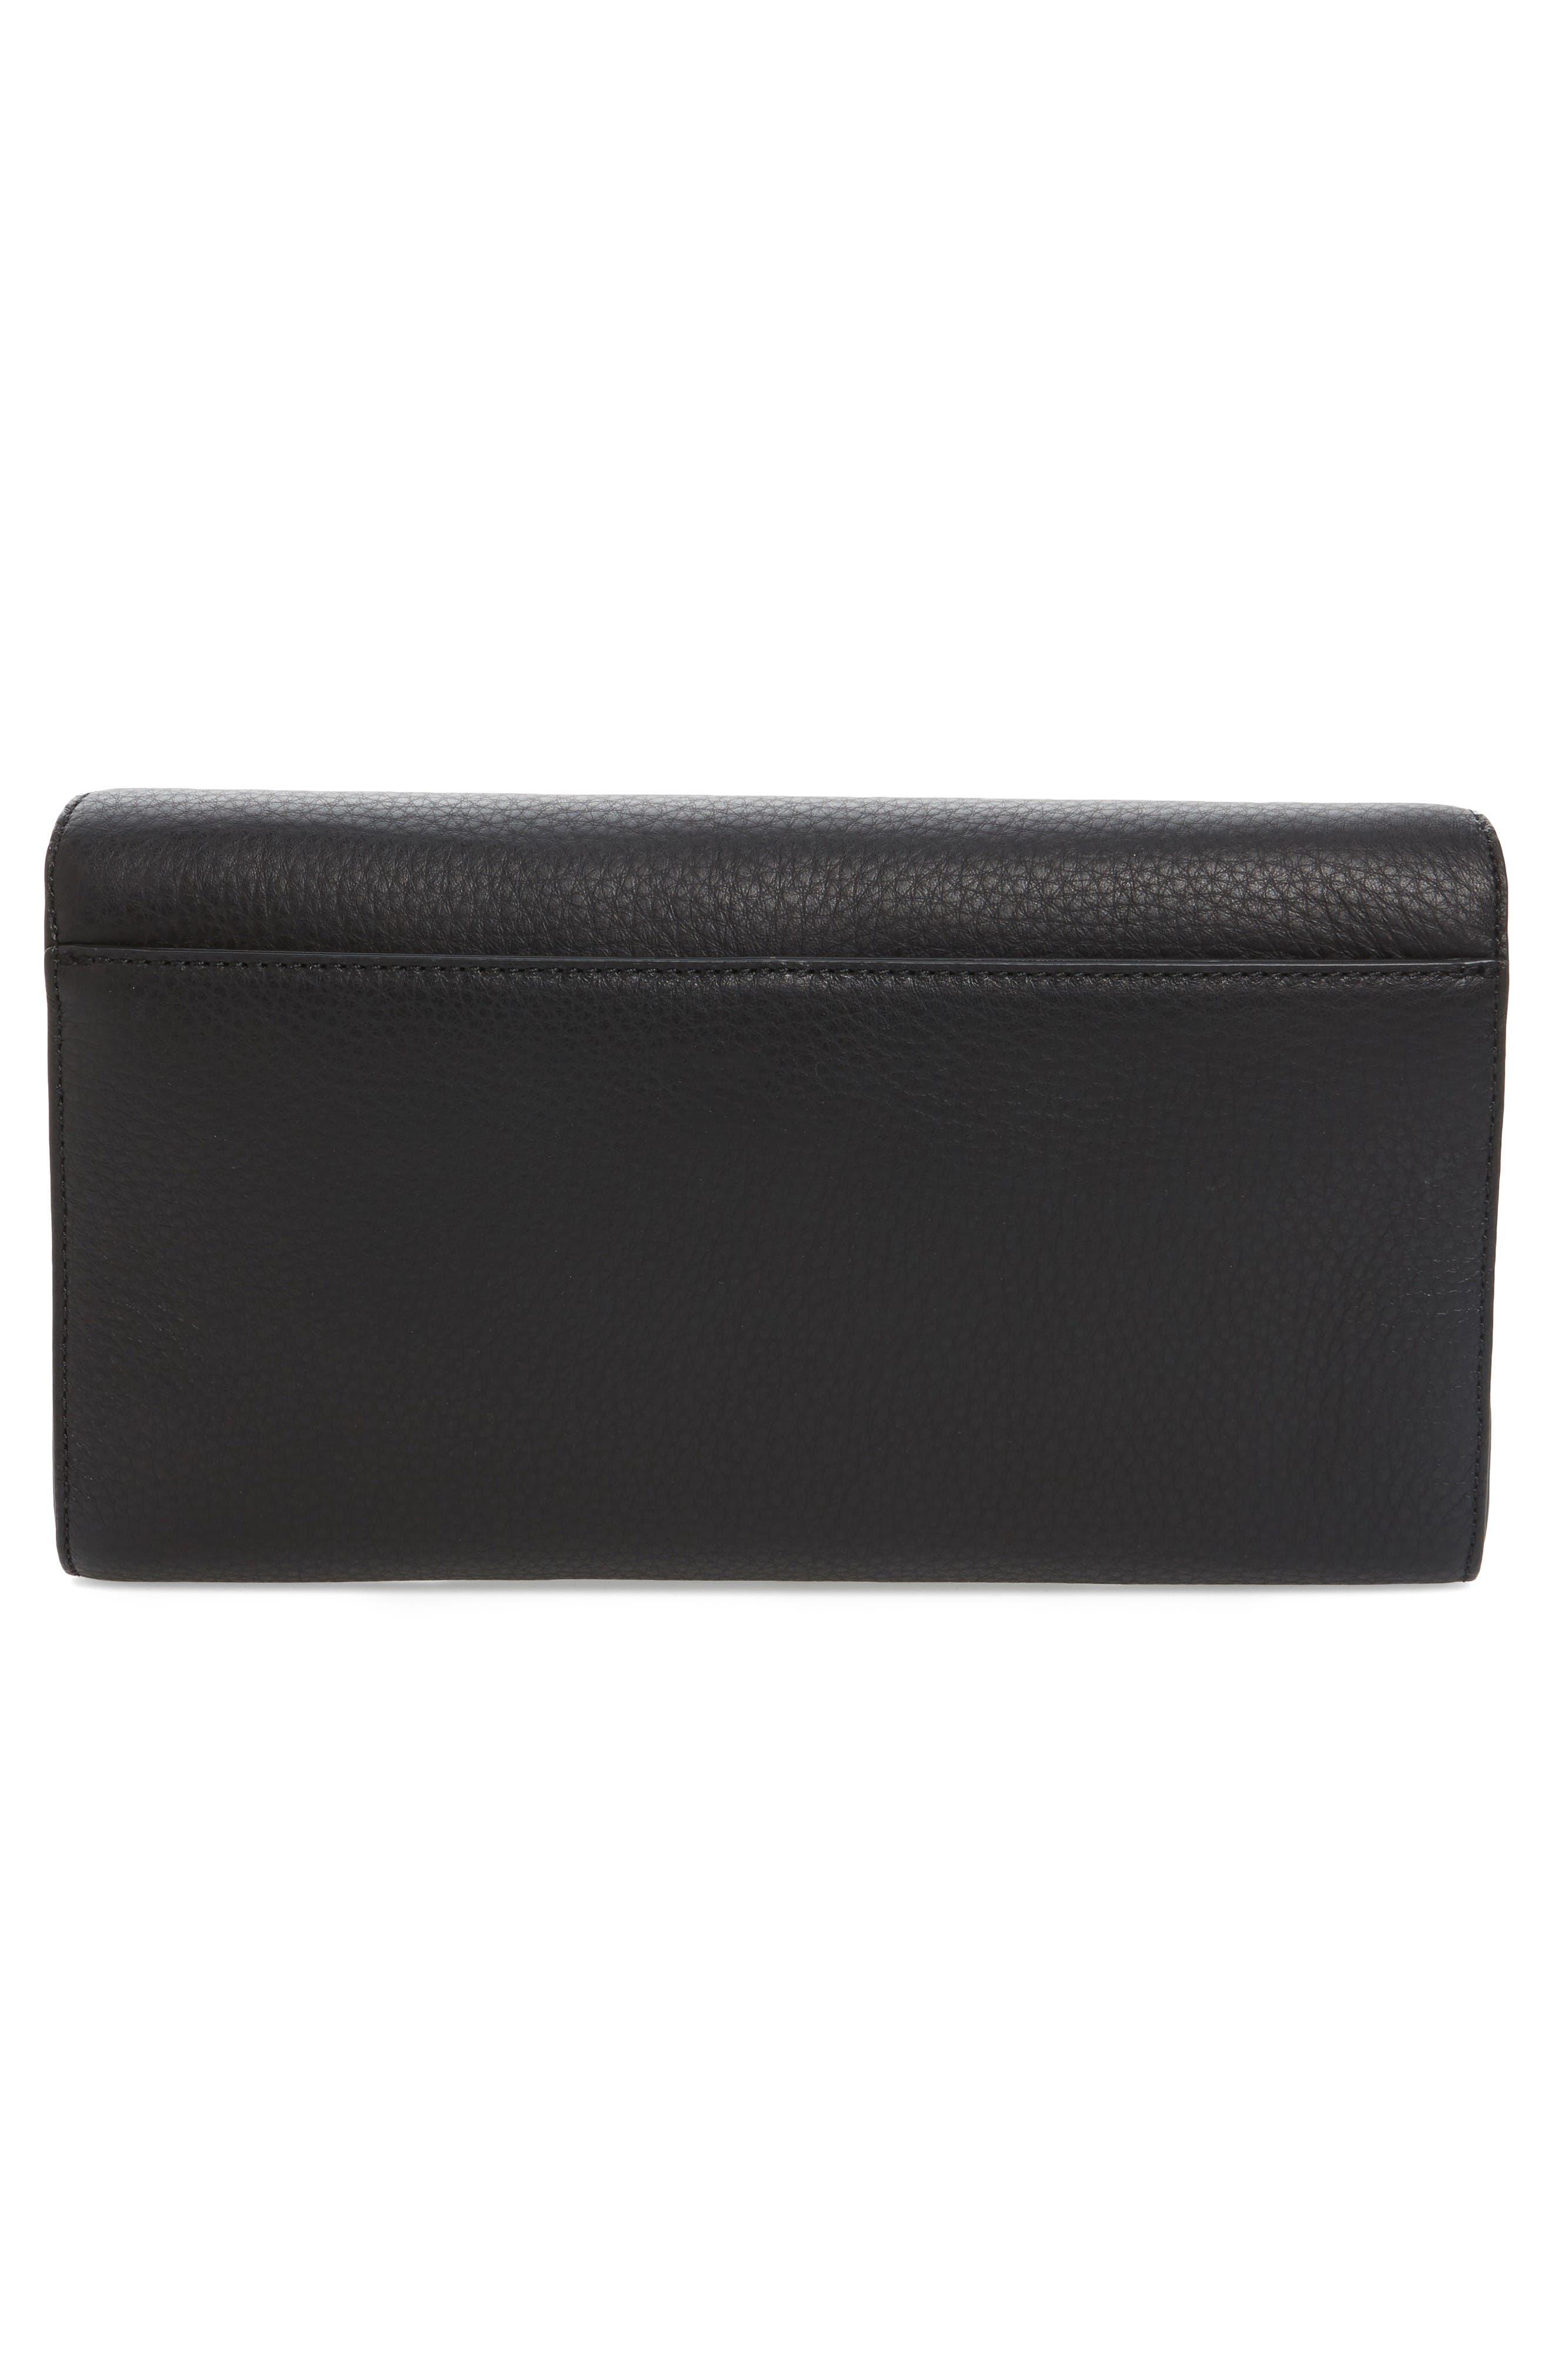 Flex Leather Envelope Clutch,                             Alternate thumbnail 3, color,                             Black